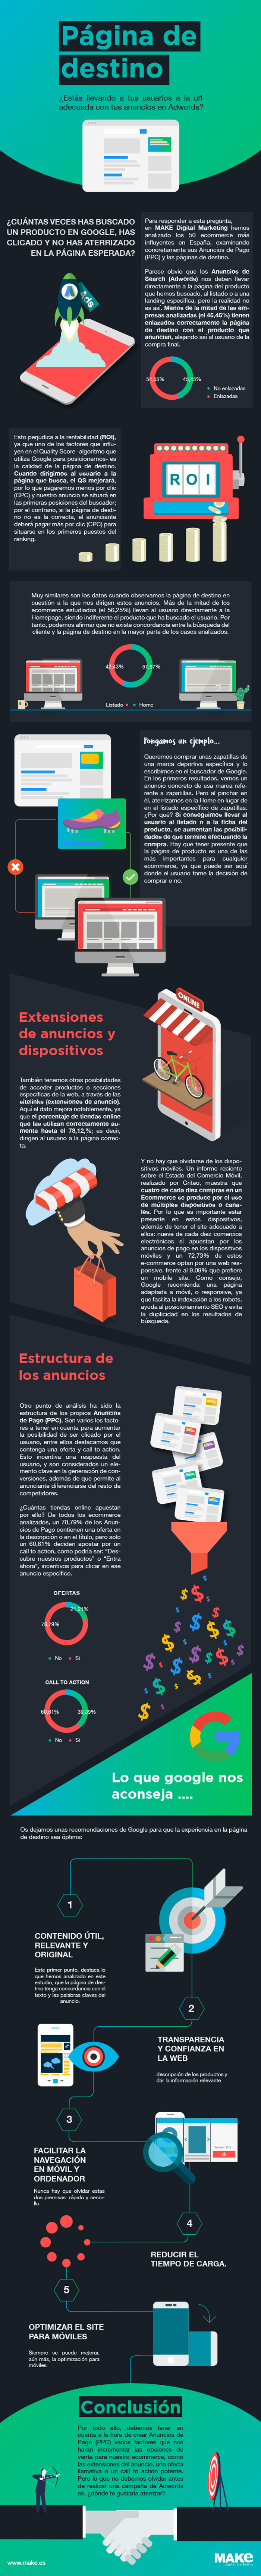 infografiaurl